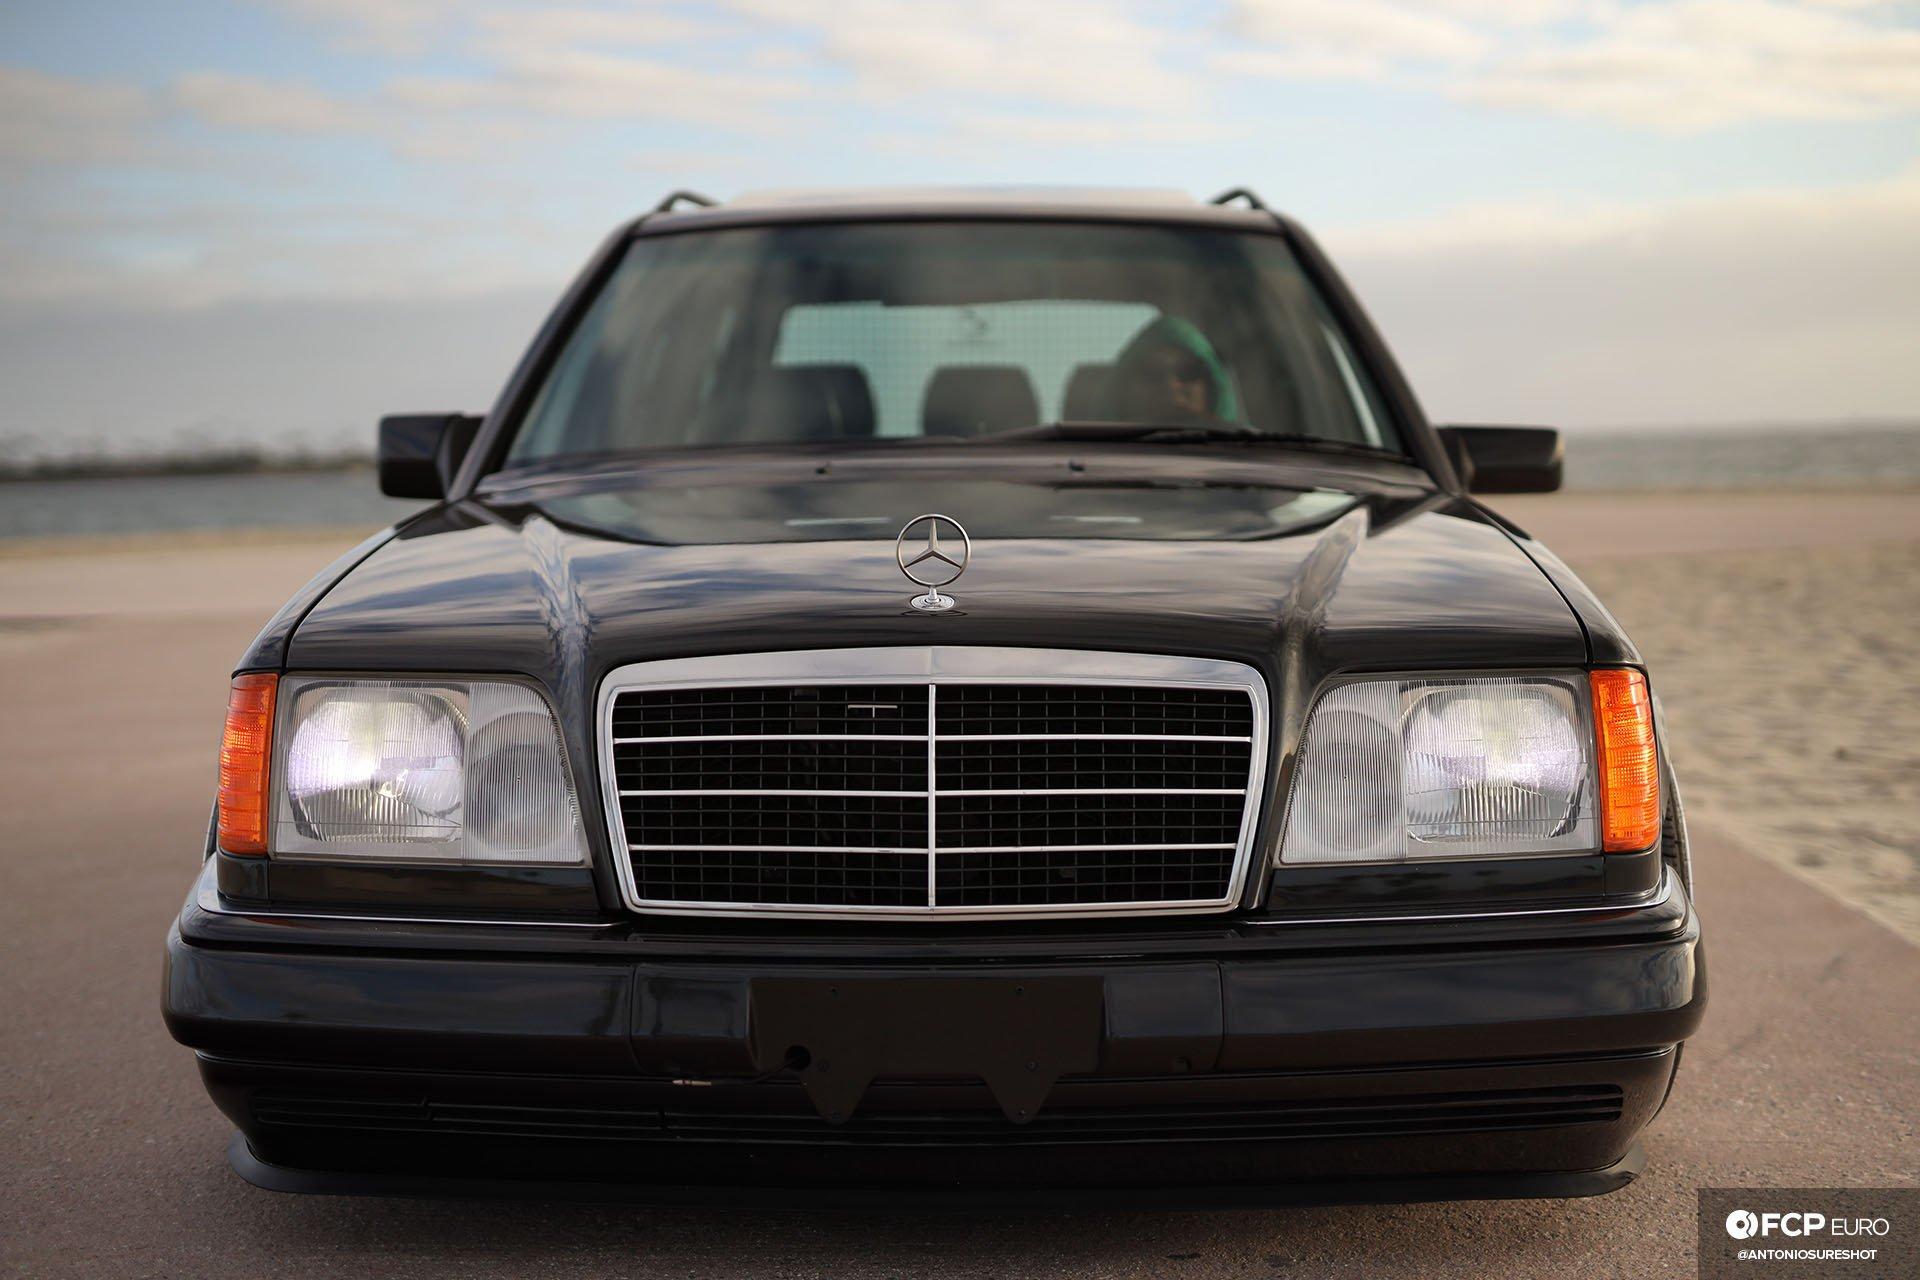 S124 Mercedes Benz E320 wagon